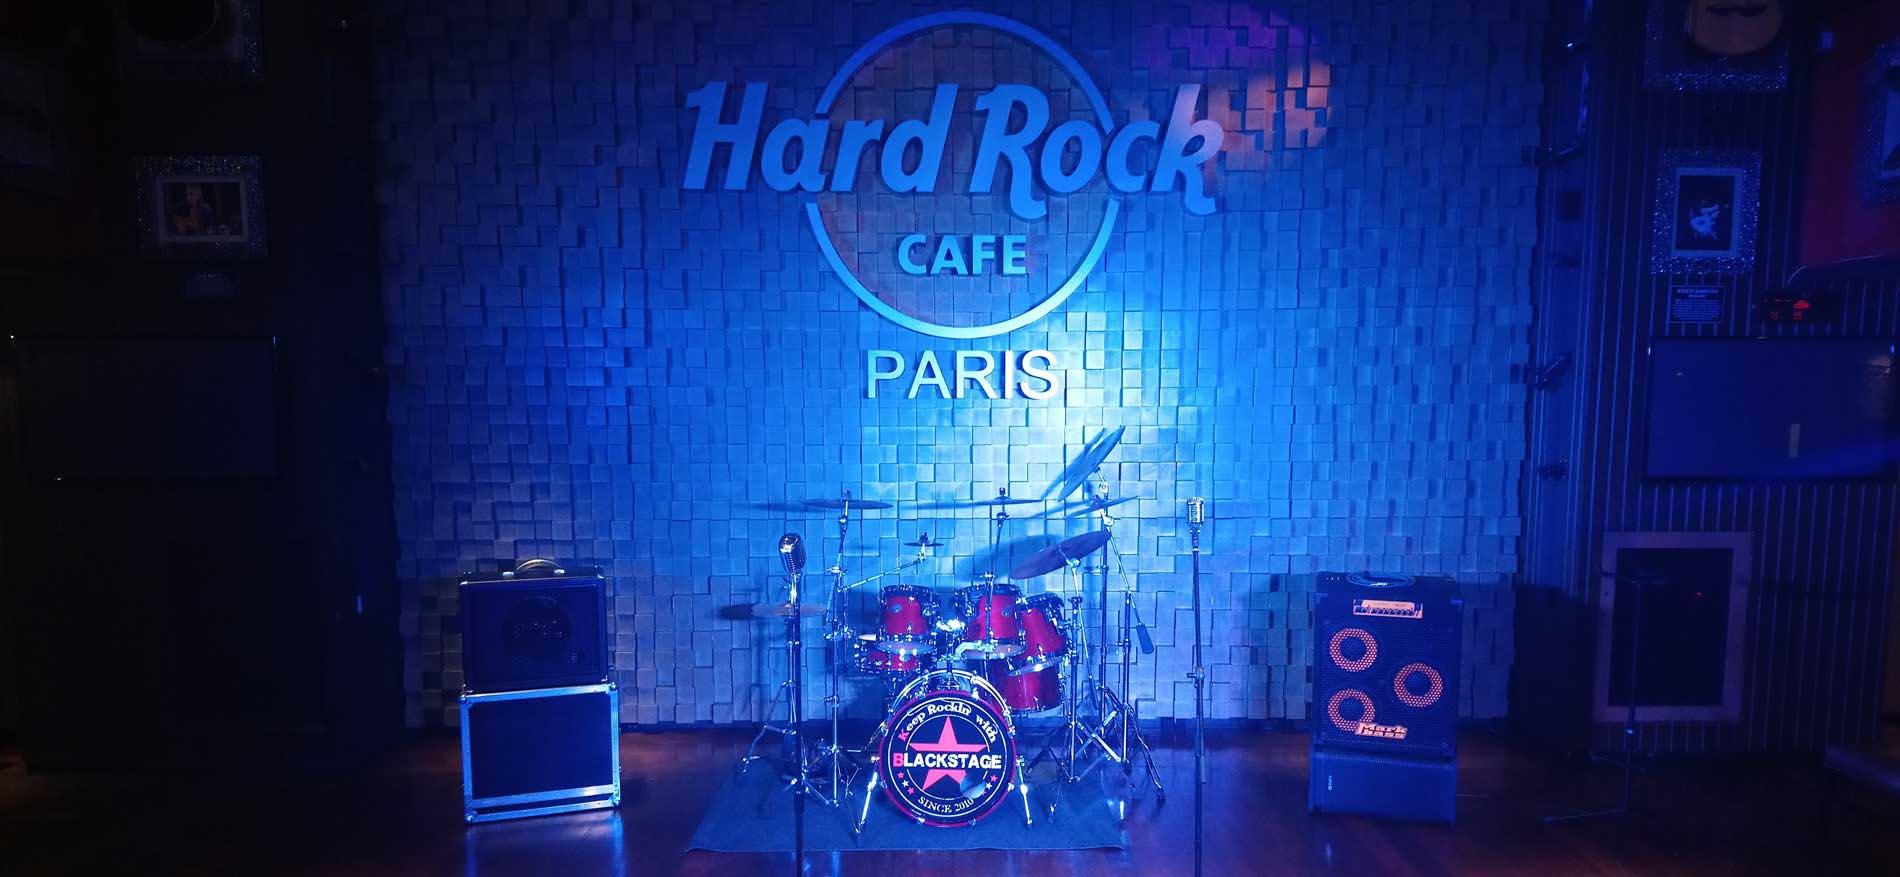 [VIDÉO-CLIP] Blackstage au Hard Rock Café, Paris